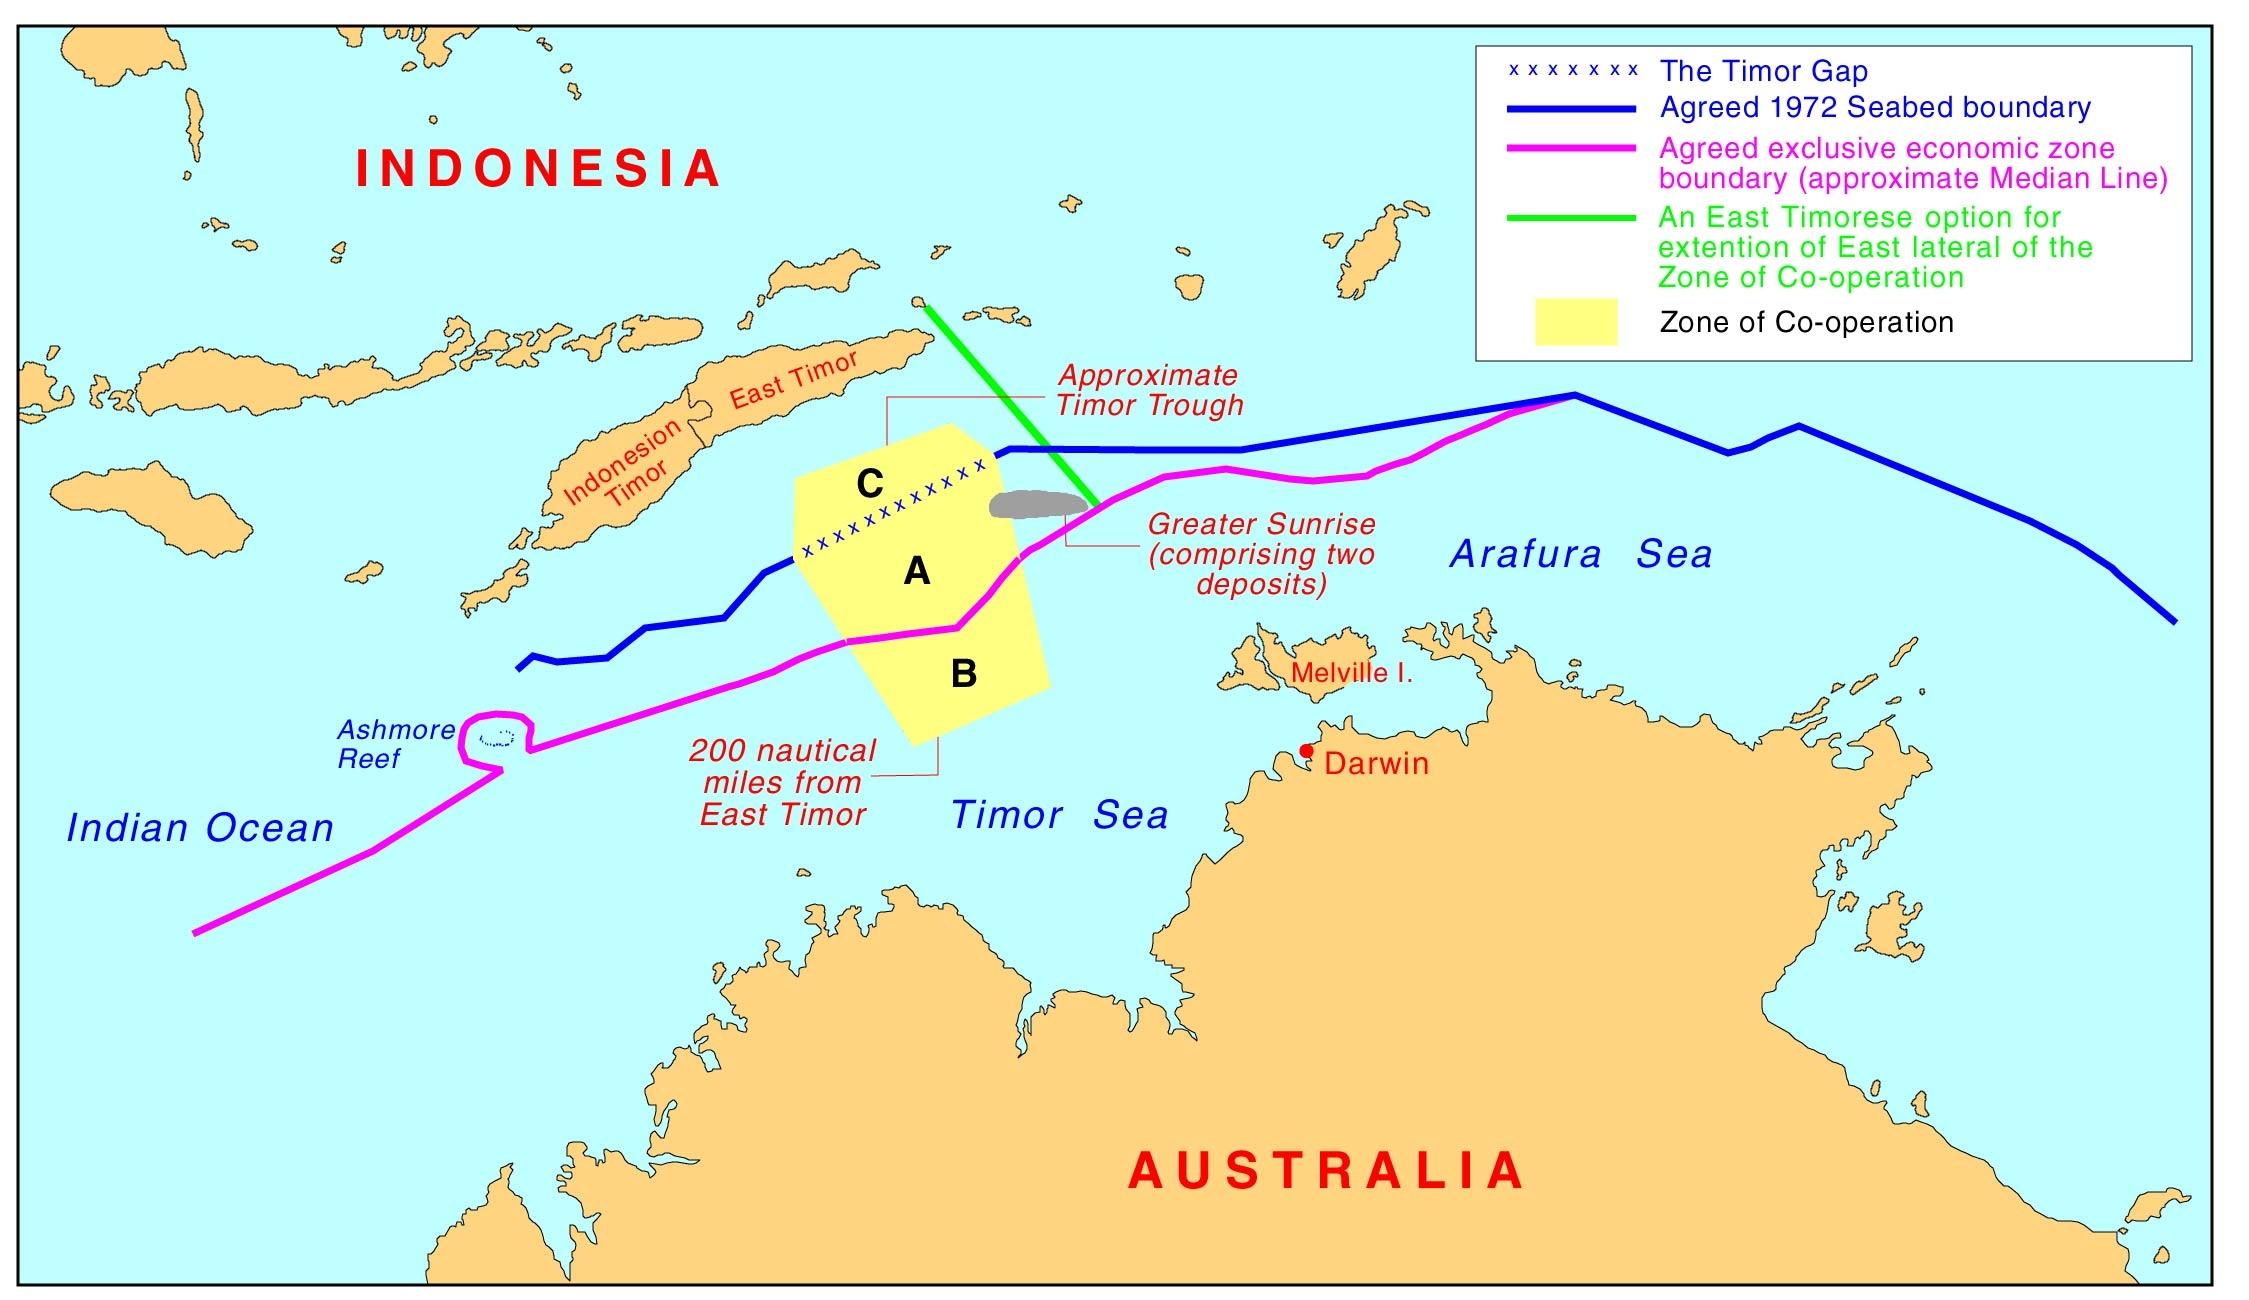 http://www.atns.net.au/objects/Timor.JPG